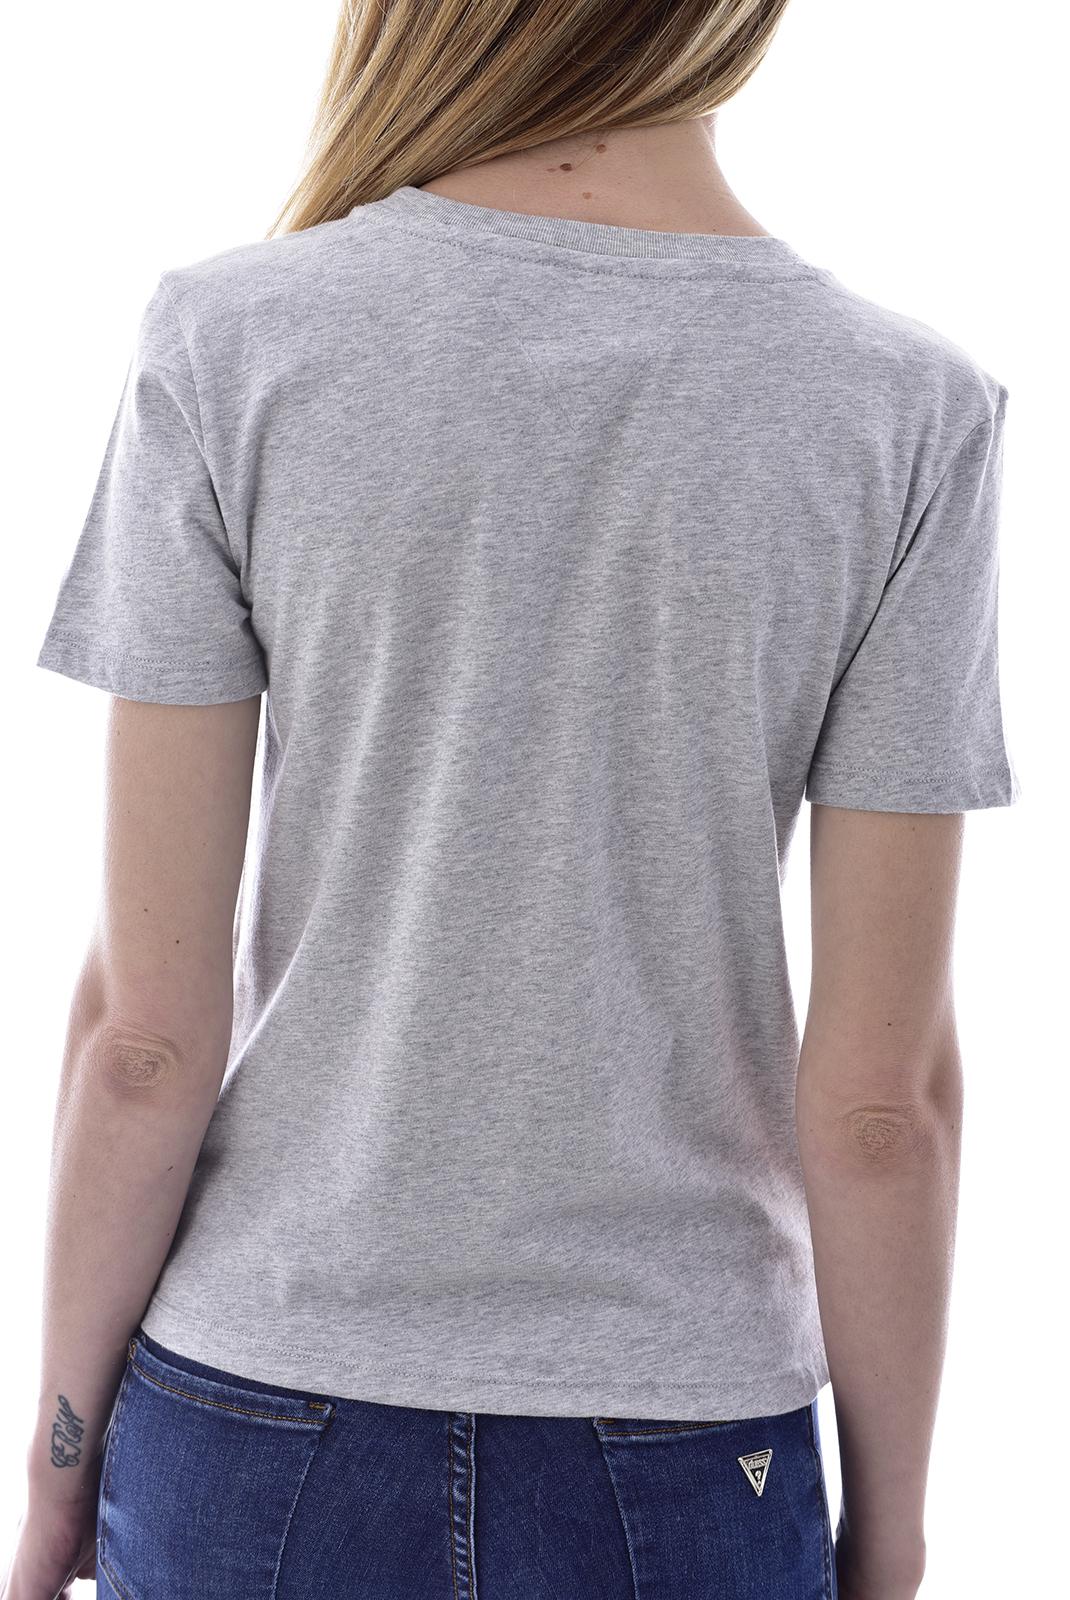 Tee shirt  Tommy Jeans DW0DW08053 MULTICOLOR P01 LT GREY HTR